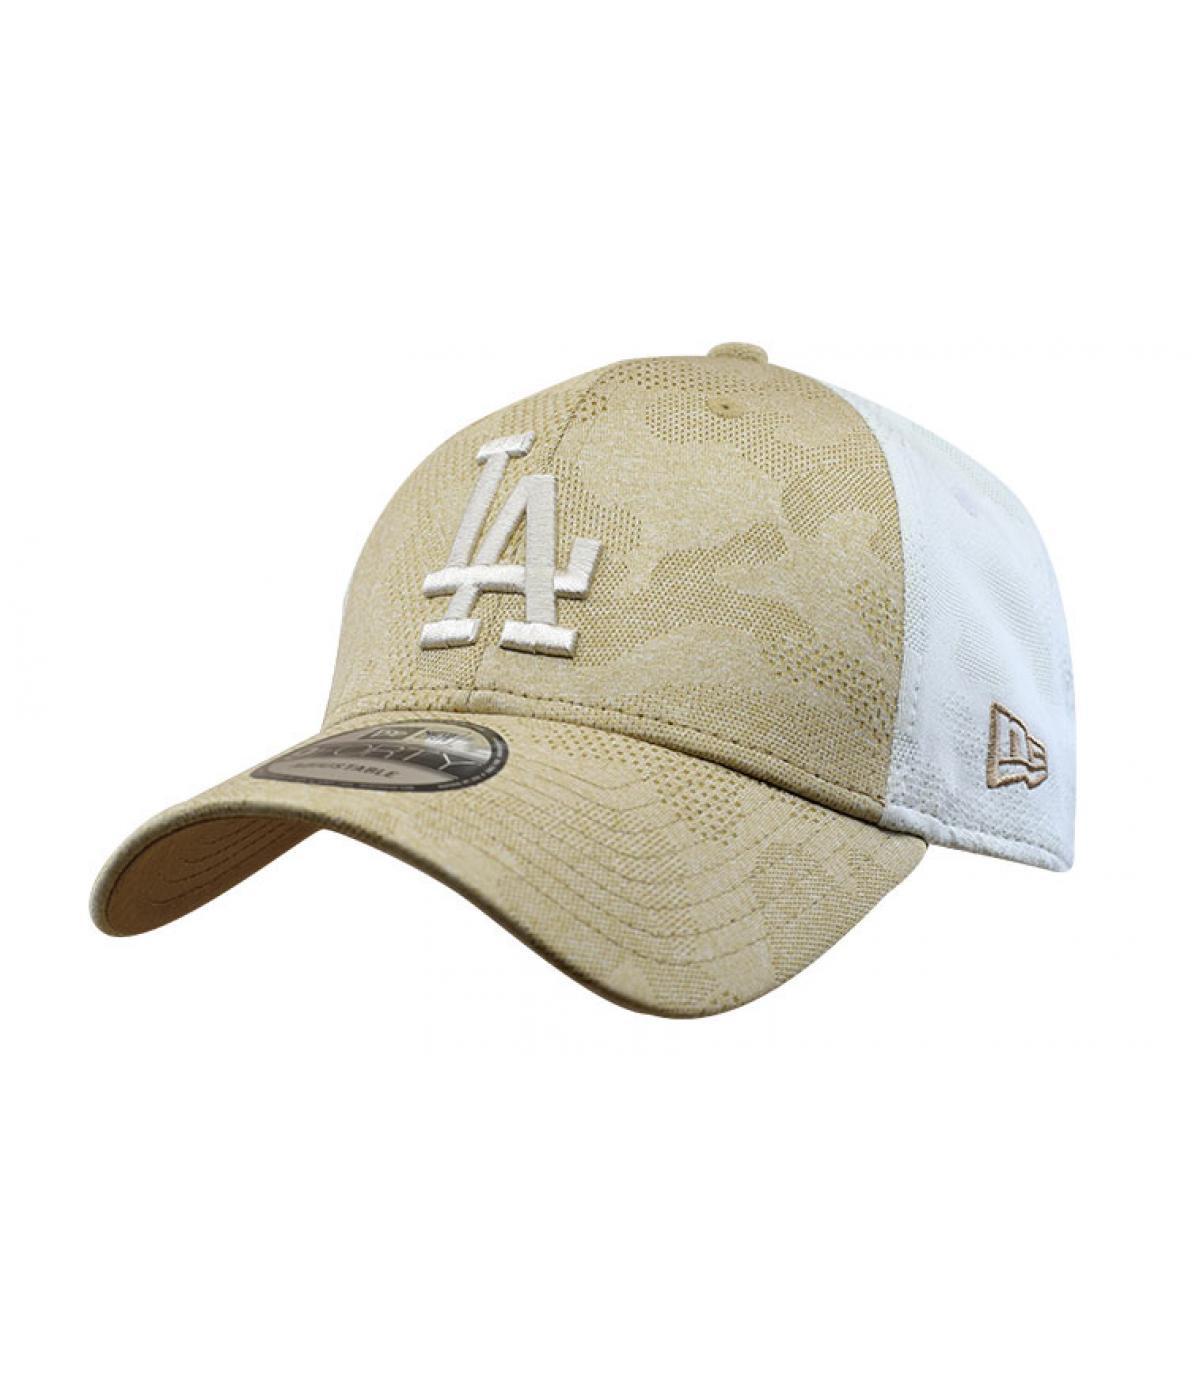 beige LA cap